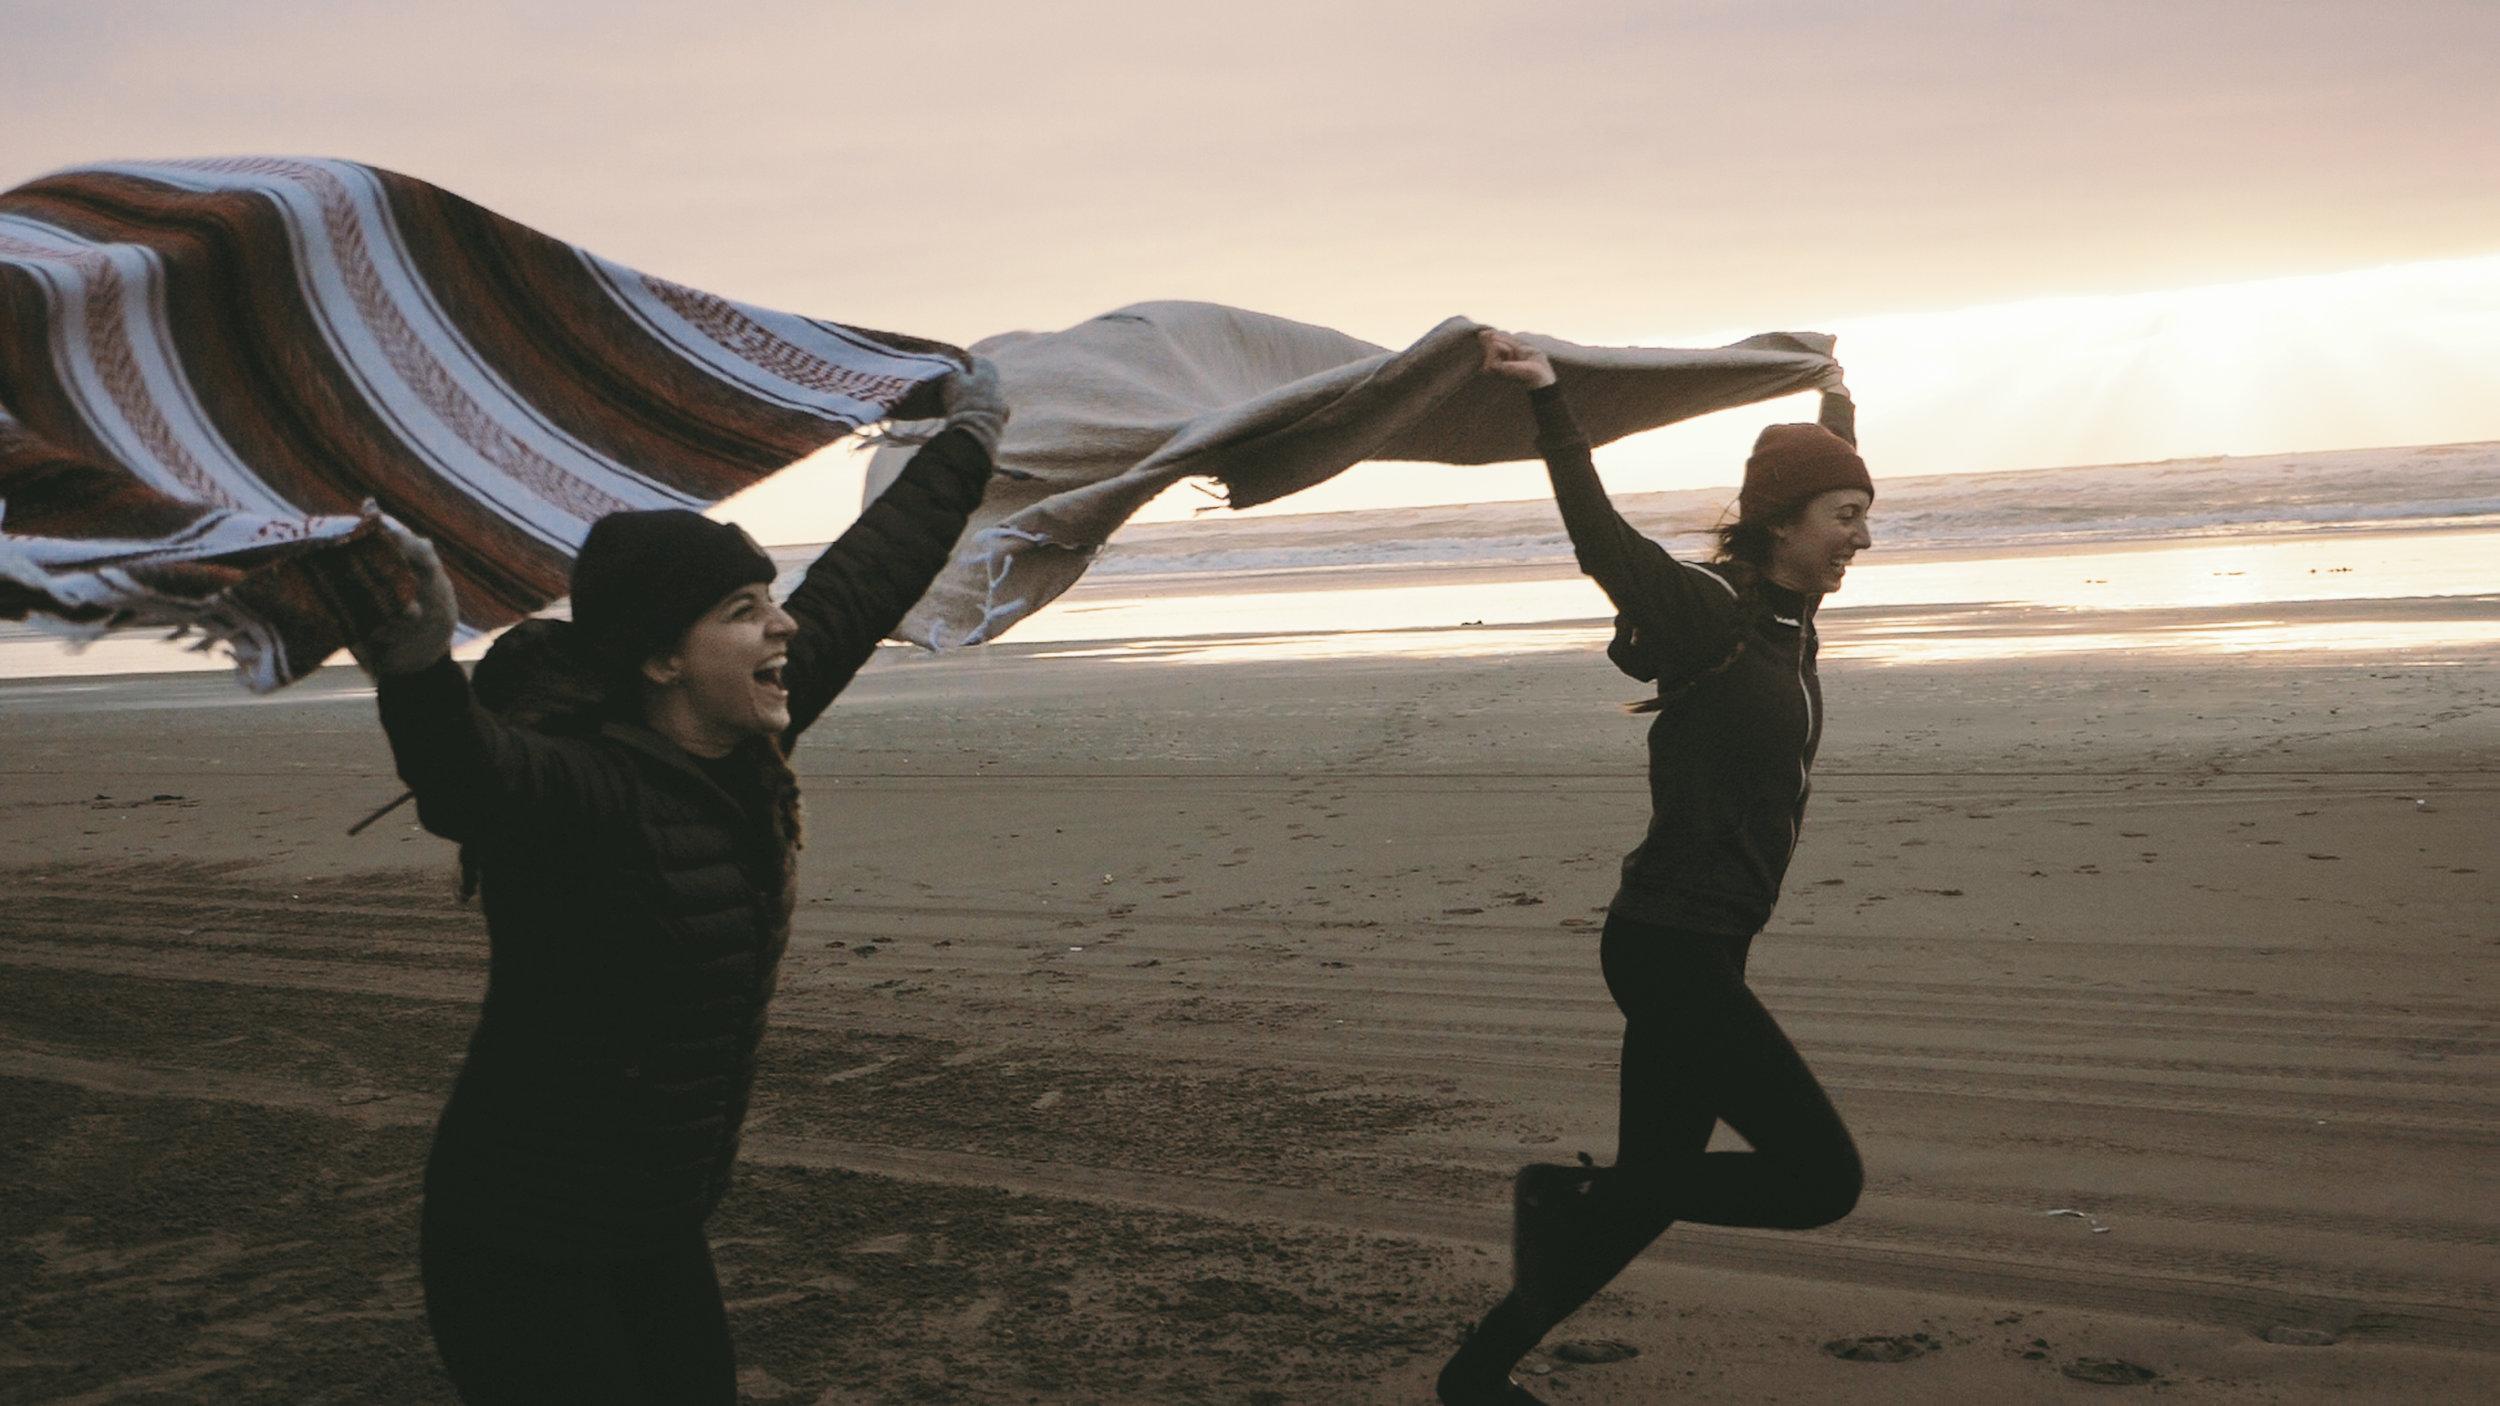 friends running on the beach in westport wa